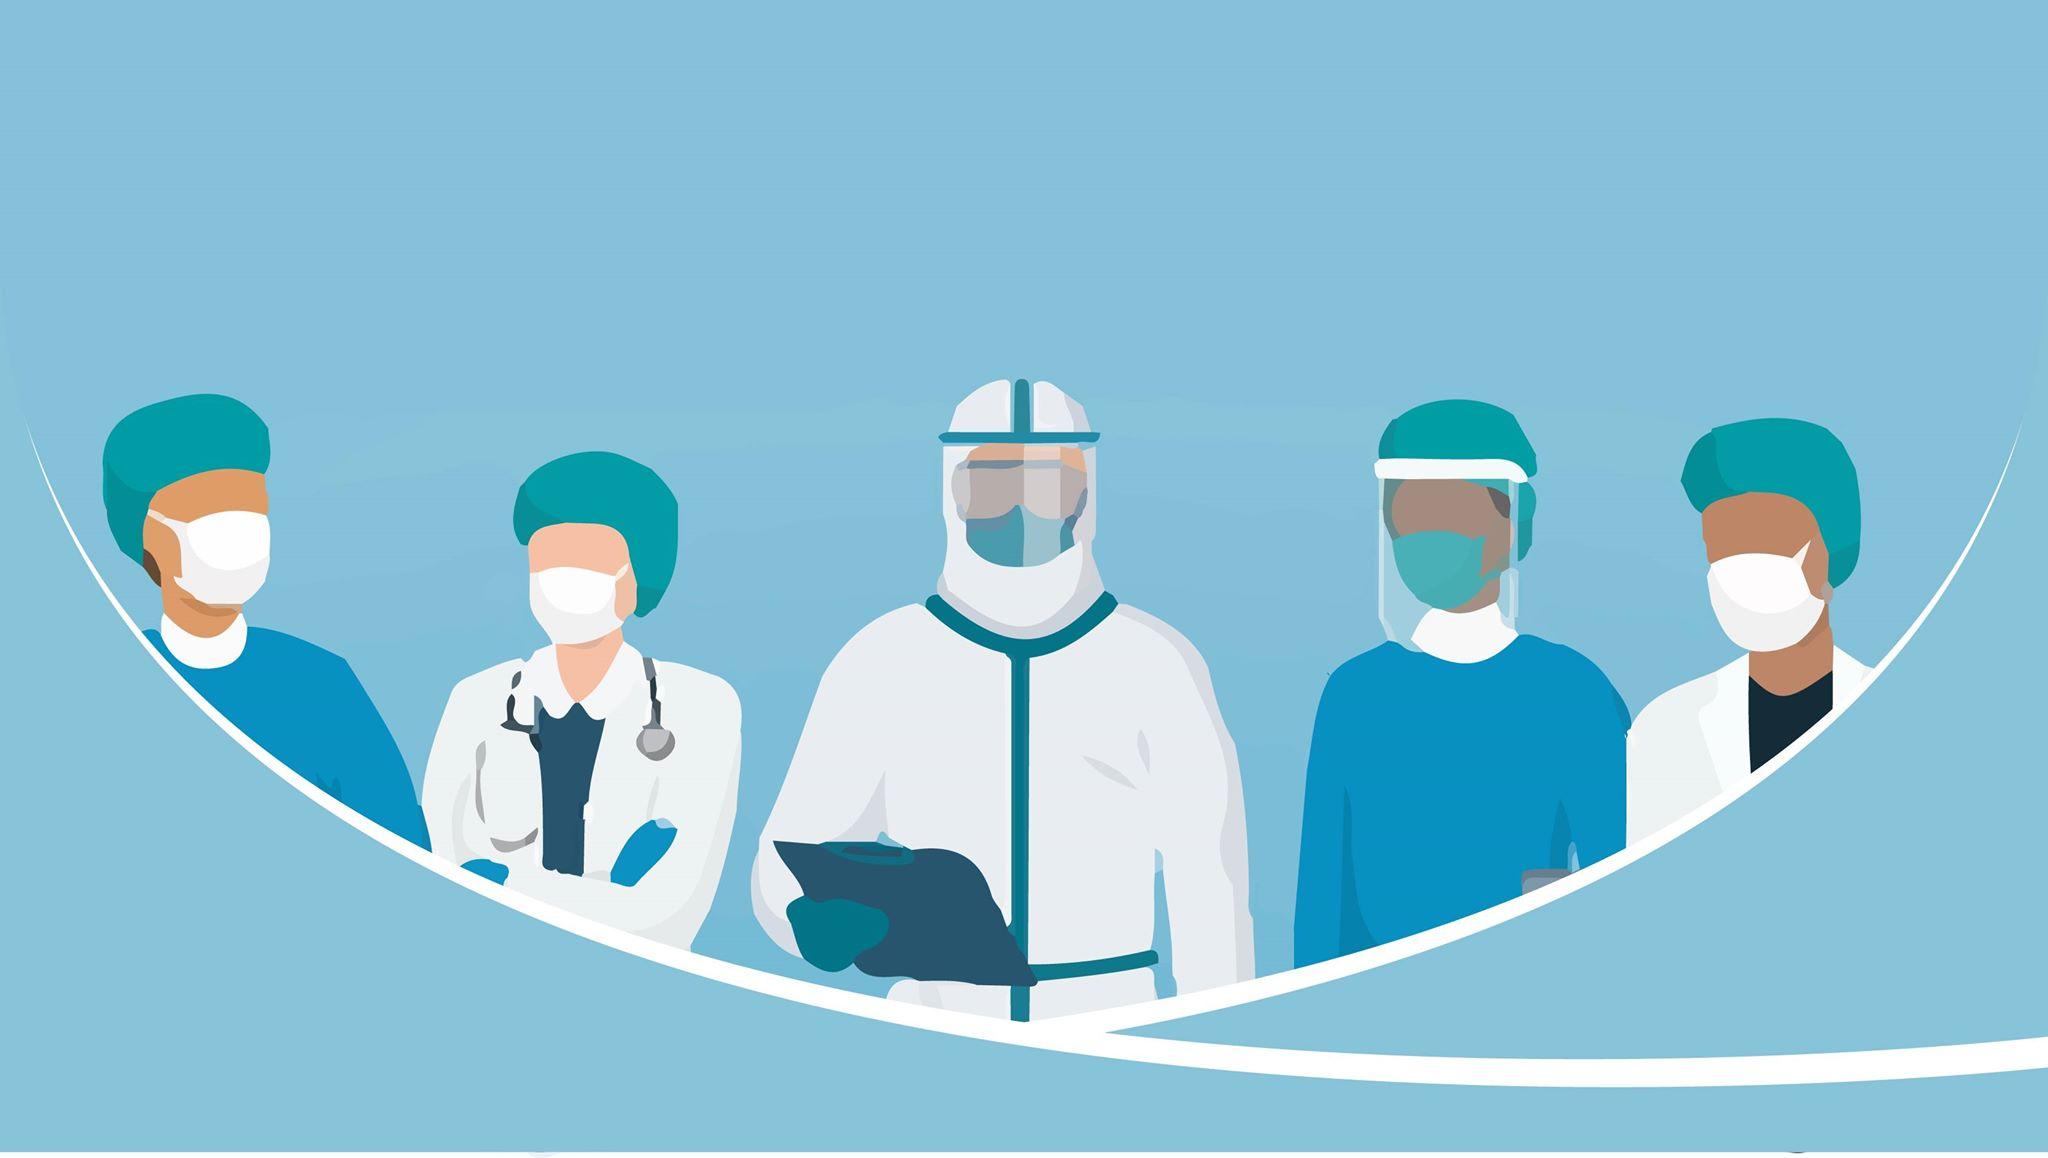 कोभिड–१९ को उपचारमा खटिएका कति स्वास्थ्यकर्मी तथा चिकित्सक संक्रमित भए